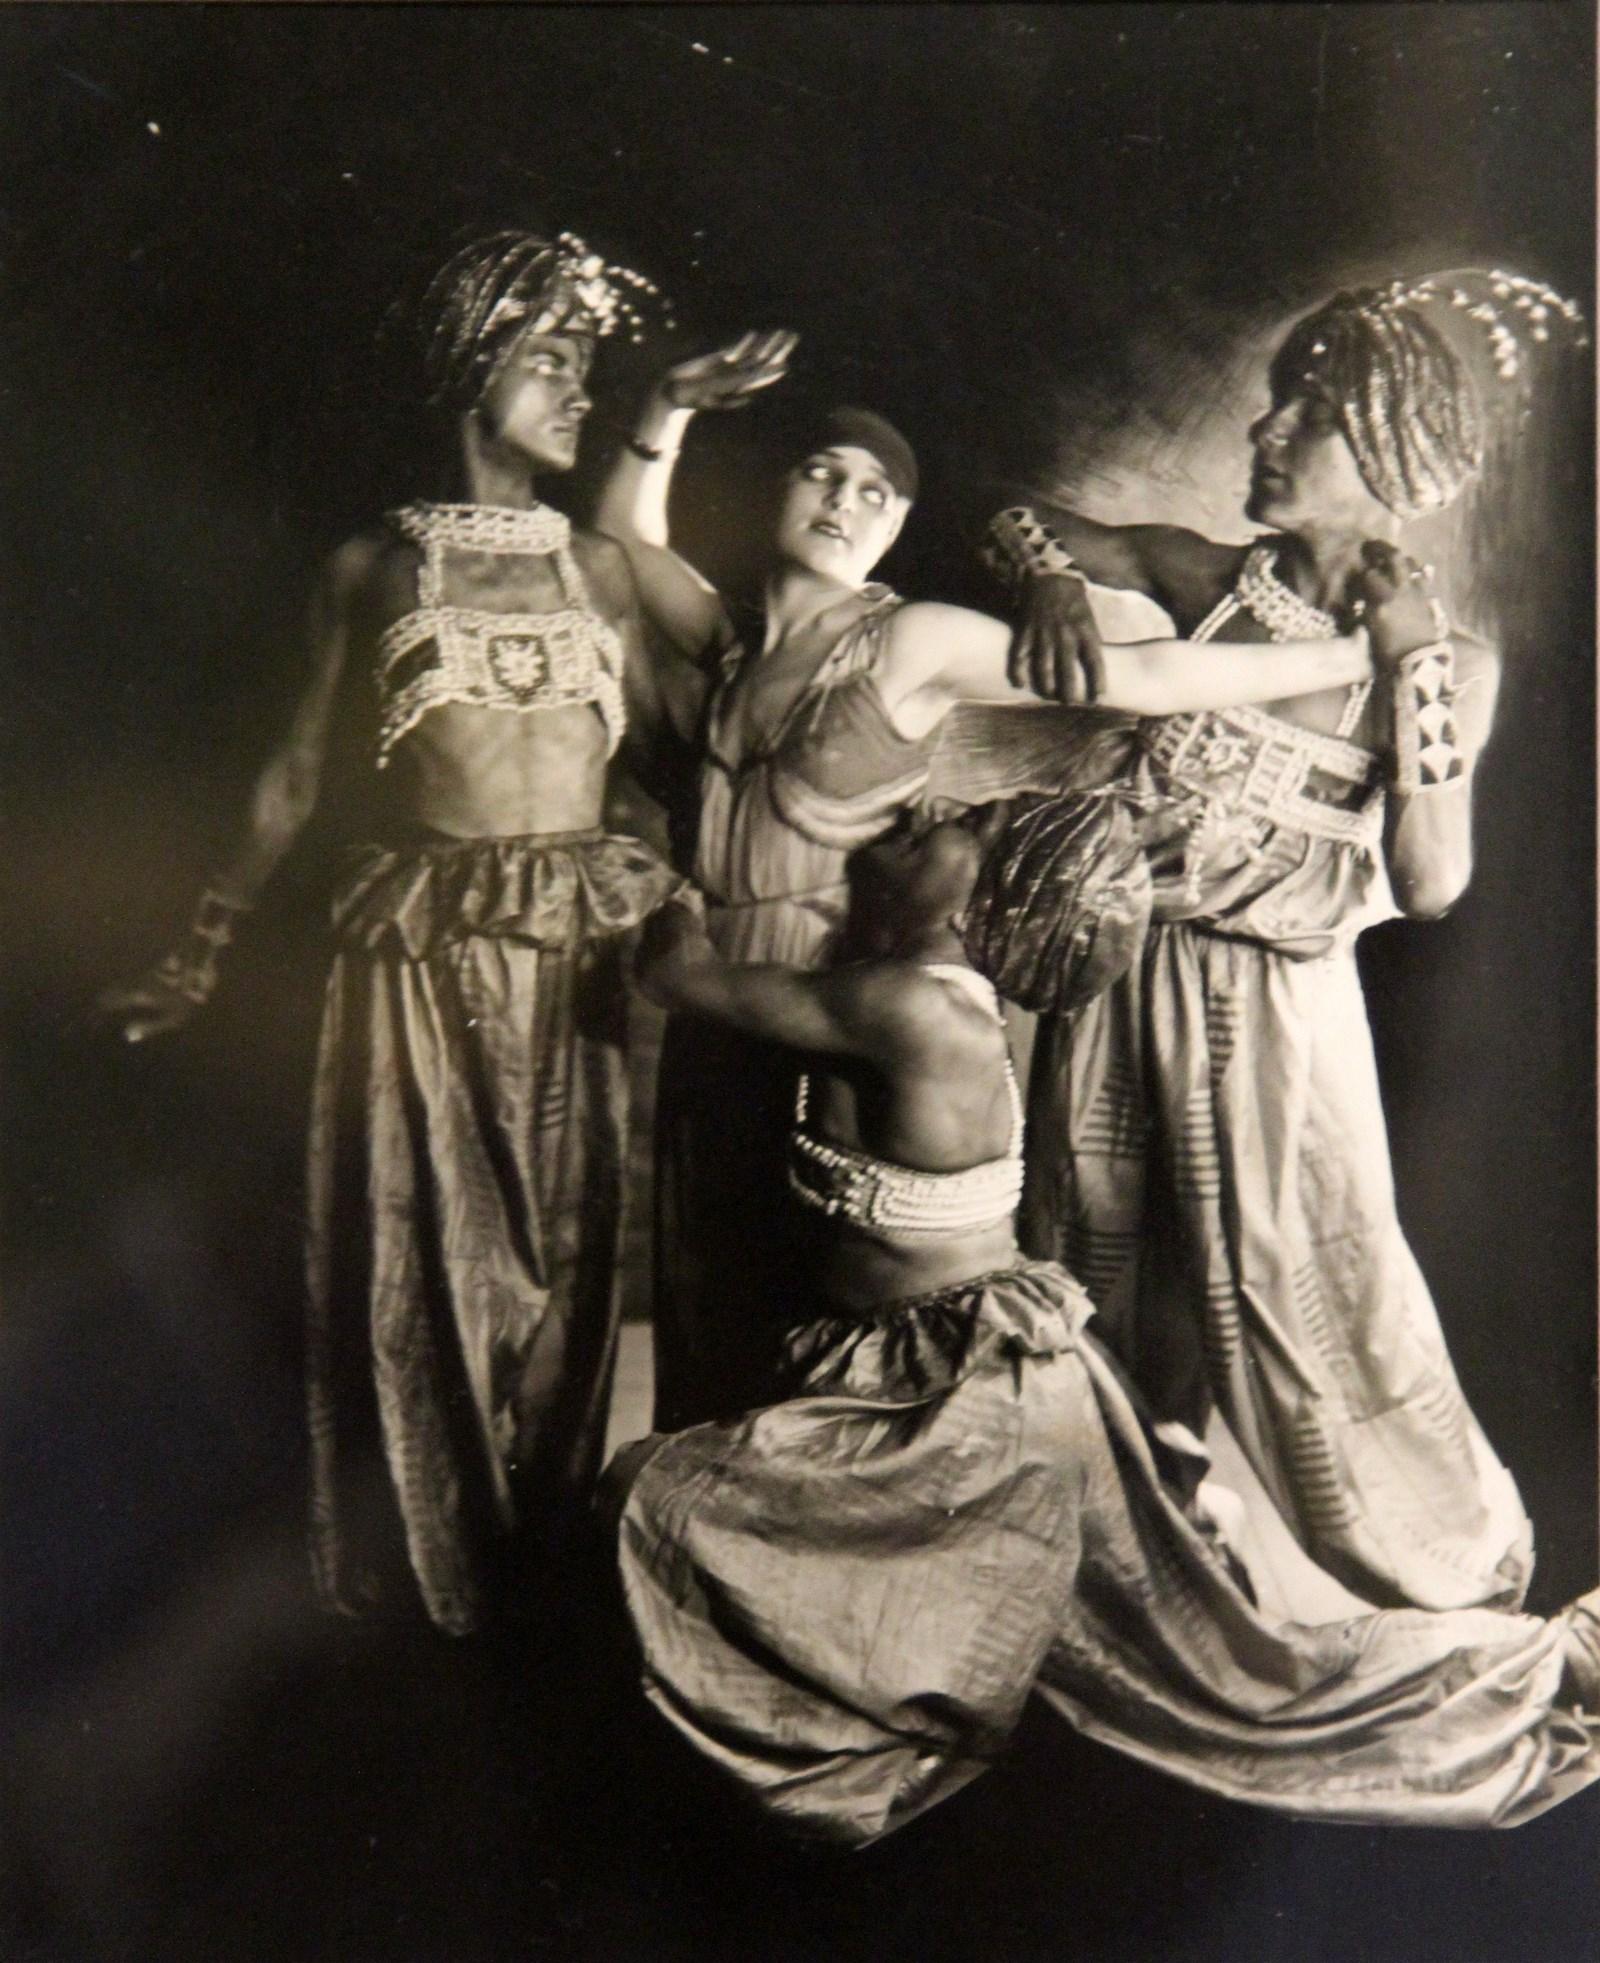 ������ ��������. ������ �������� ����� ��������. 1911-1915 ����� �����������. ����������, ���������� �����-�����. �����-������������� ��������������� ����� ������������ � ������������ ��������� �������� �������: aldusku.livejournal.com